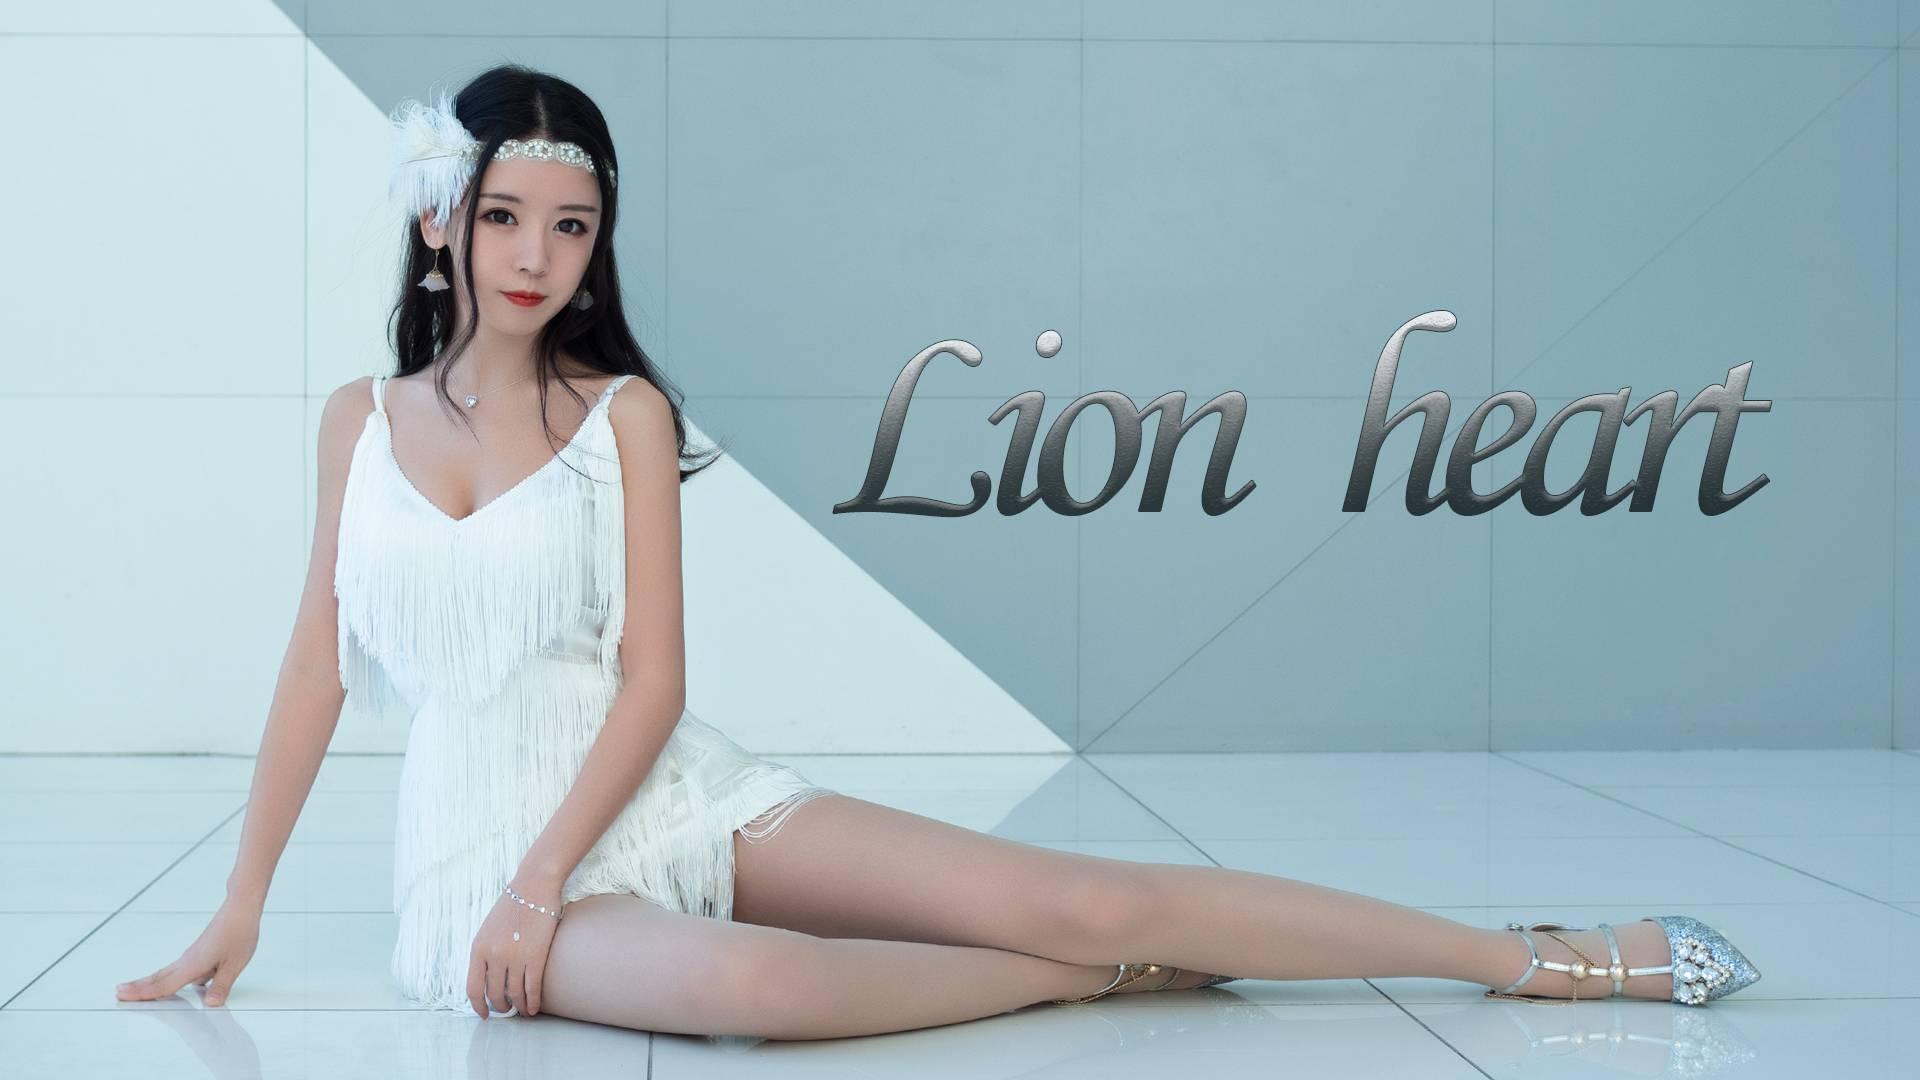 【猫饼】lion heart